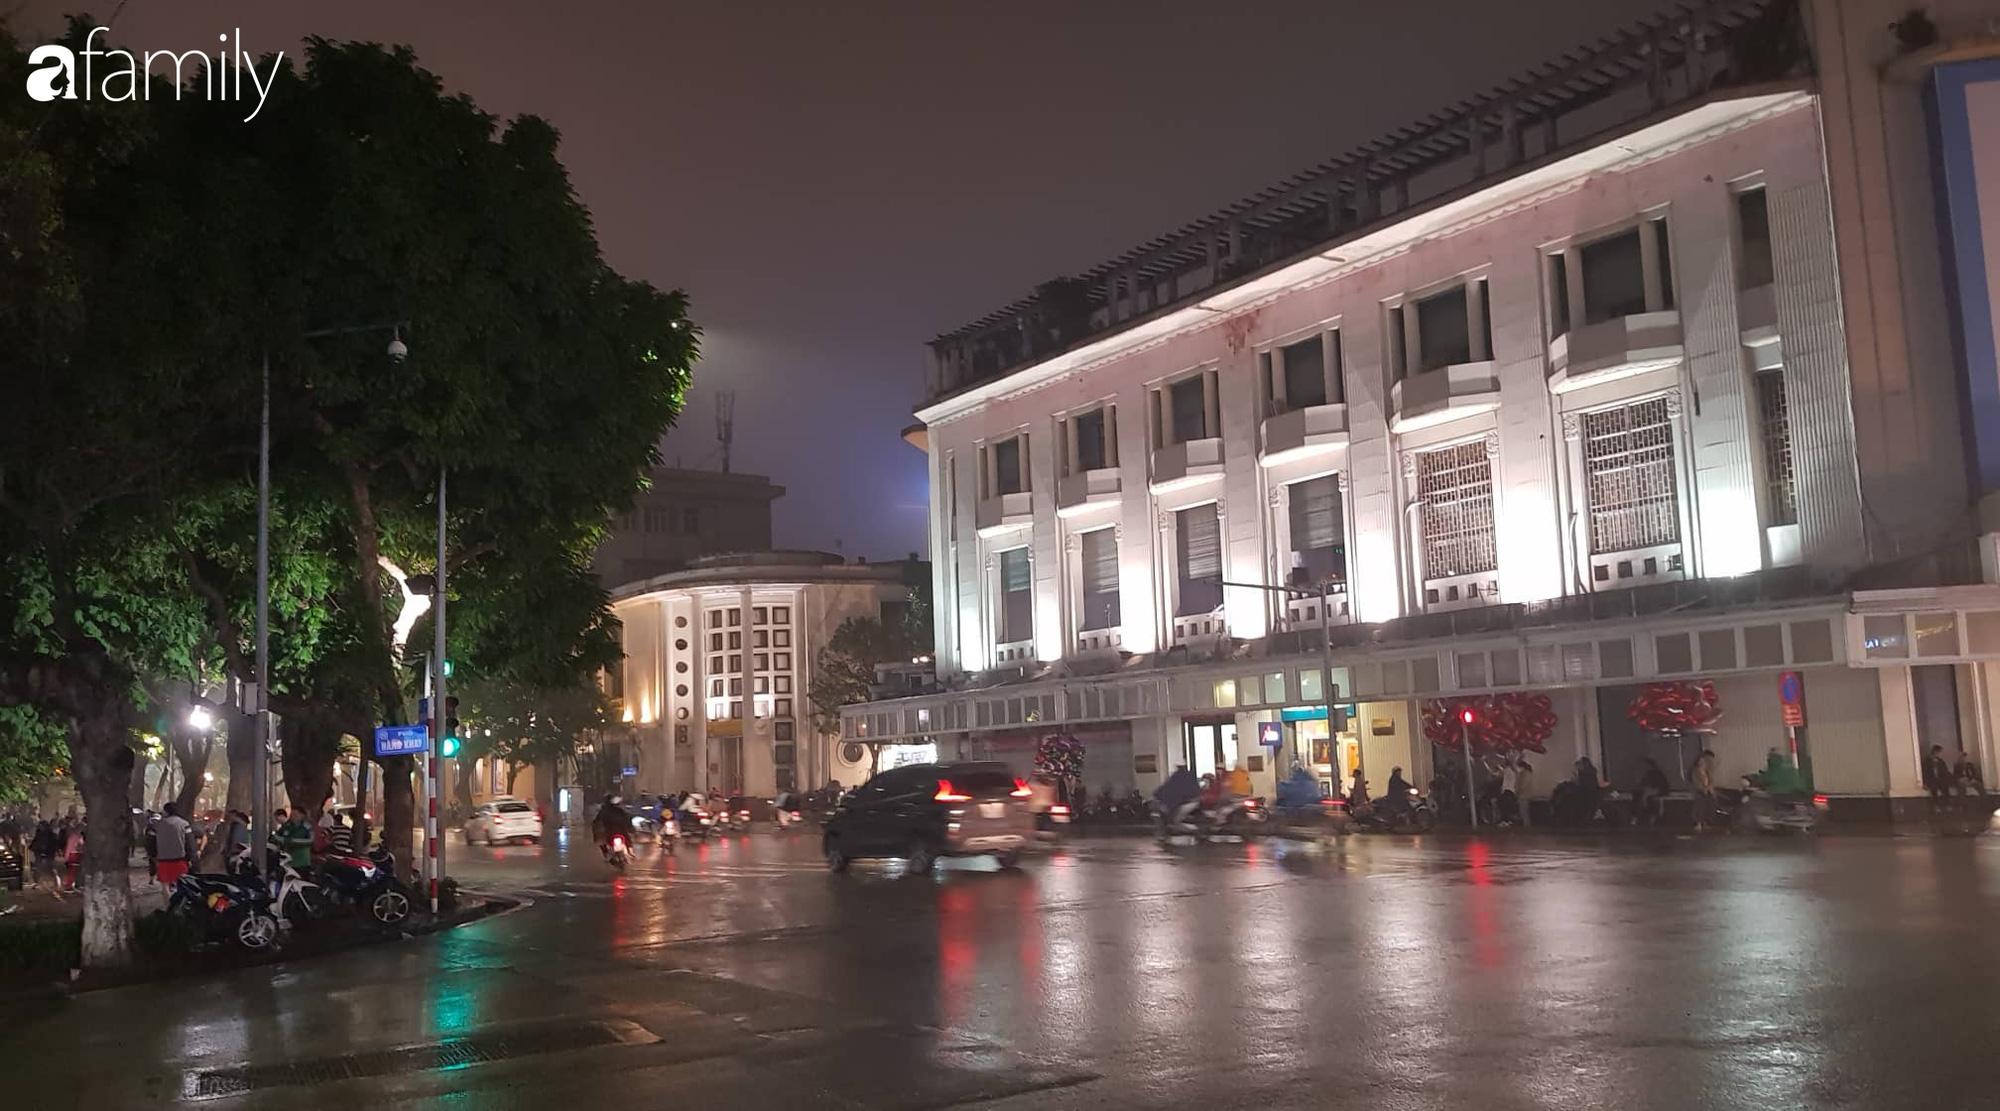 Valentine Hà Nội - Sài Gòn vắng vẻ đìu hiu vì dịch Corona, từ trung tâm thương mại đến phố phường đều ít bóng tình nhân đi chơi - Ảnh 2.